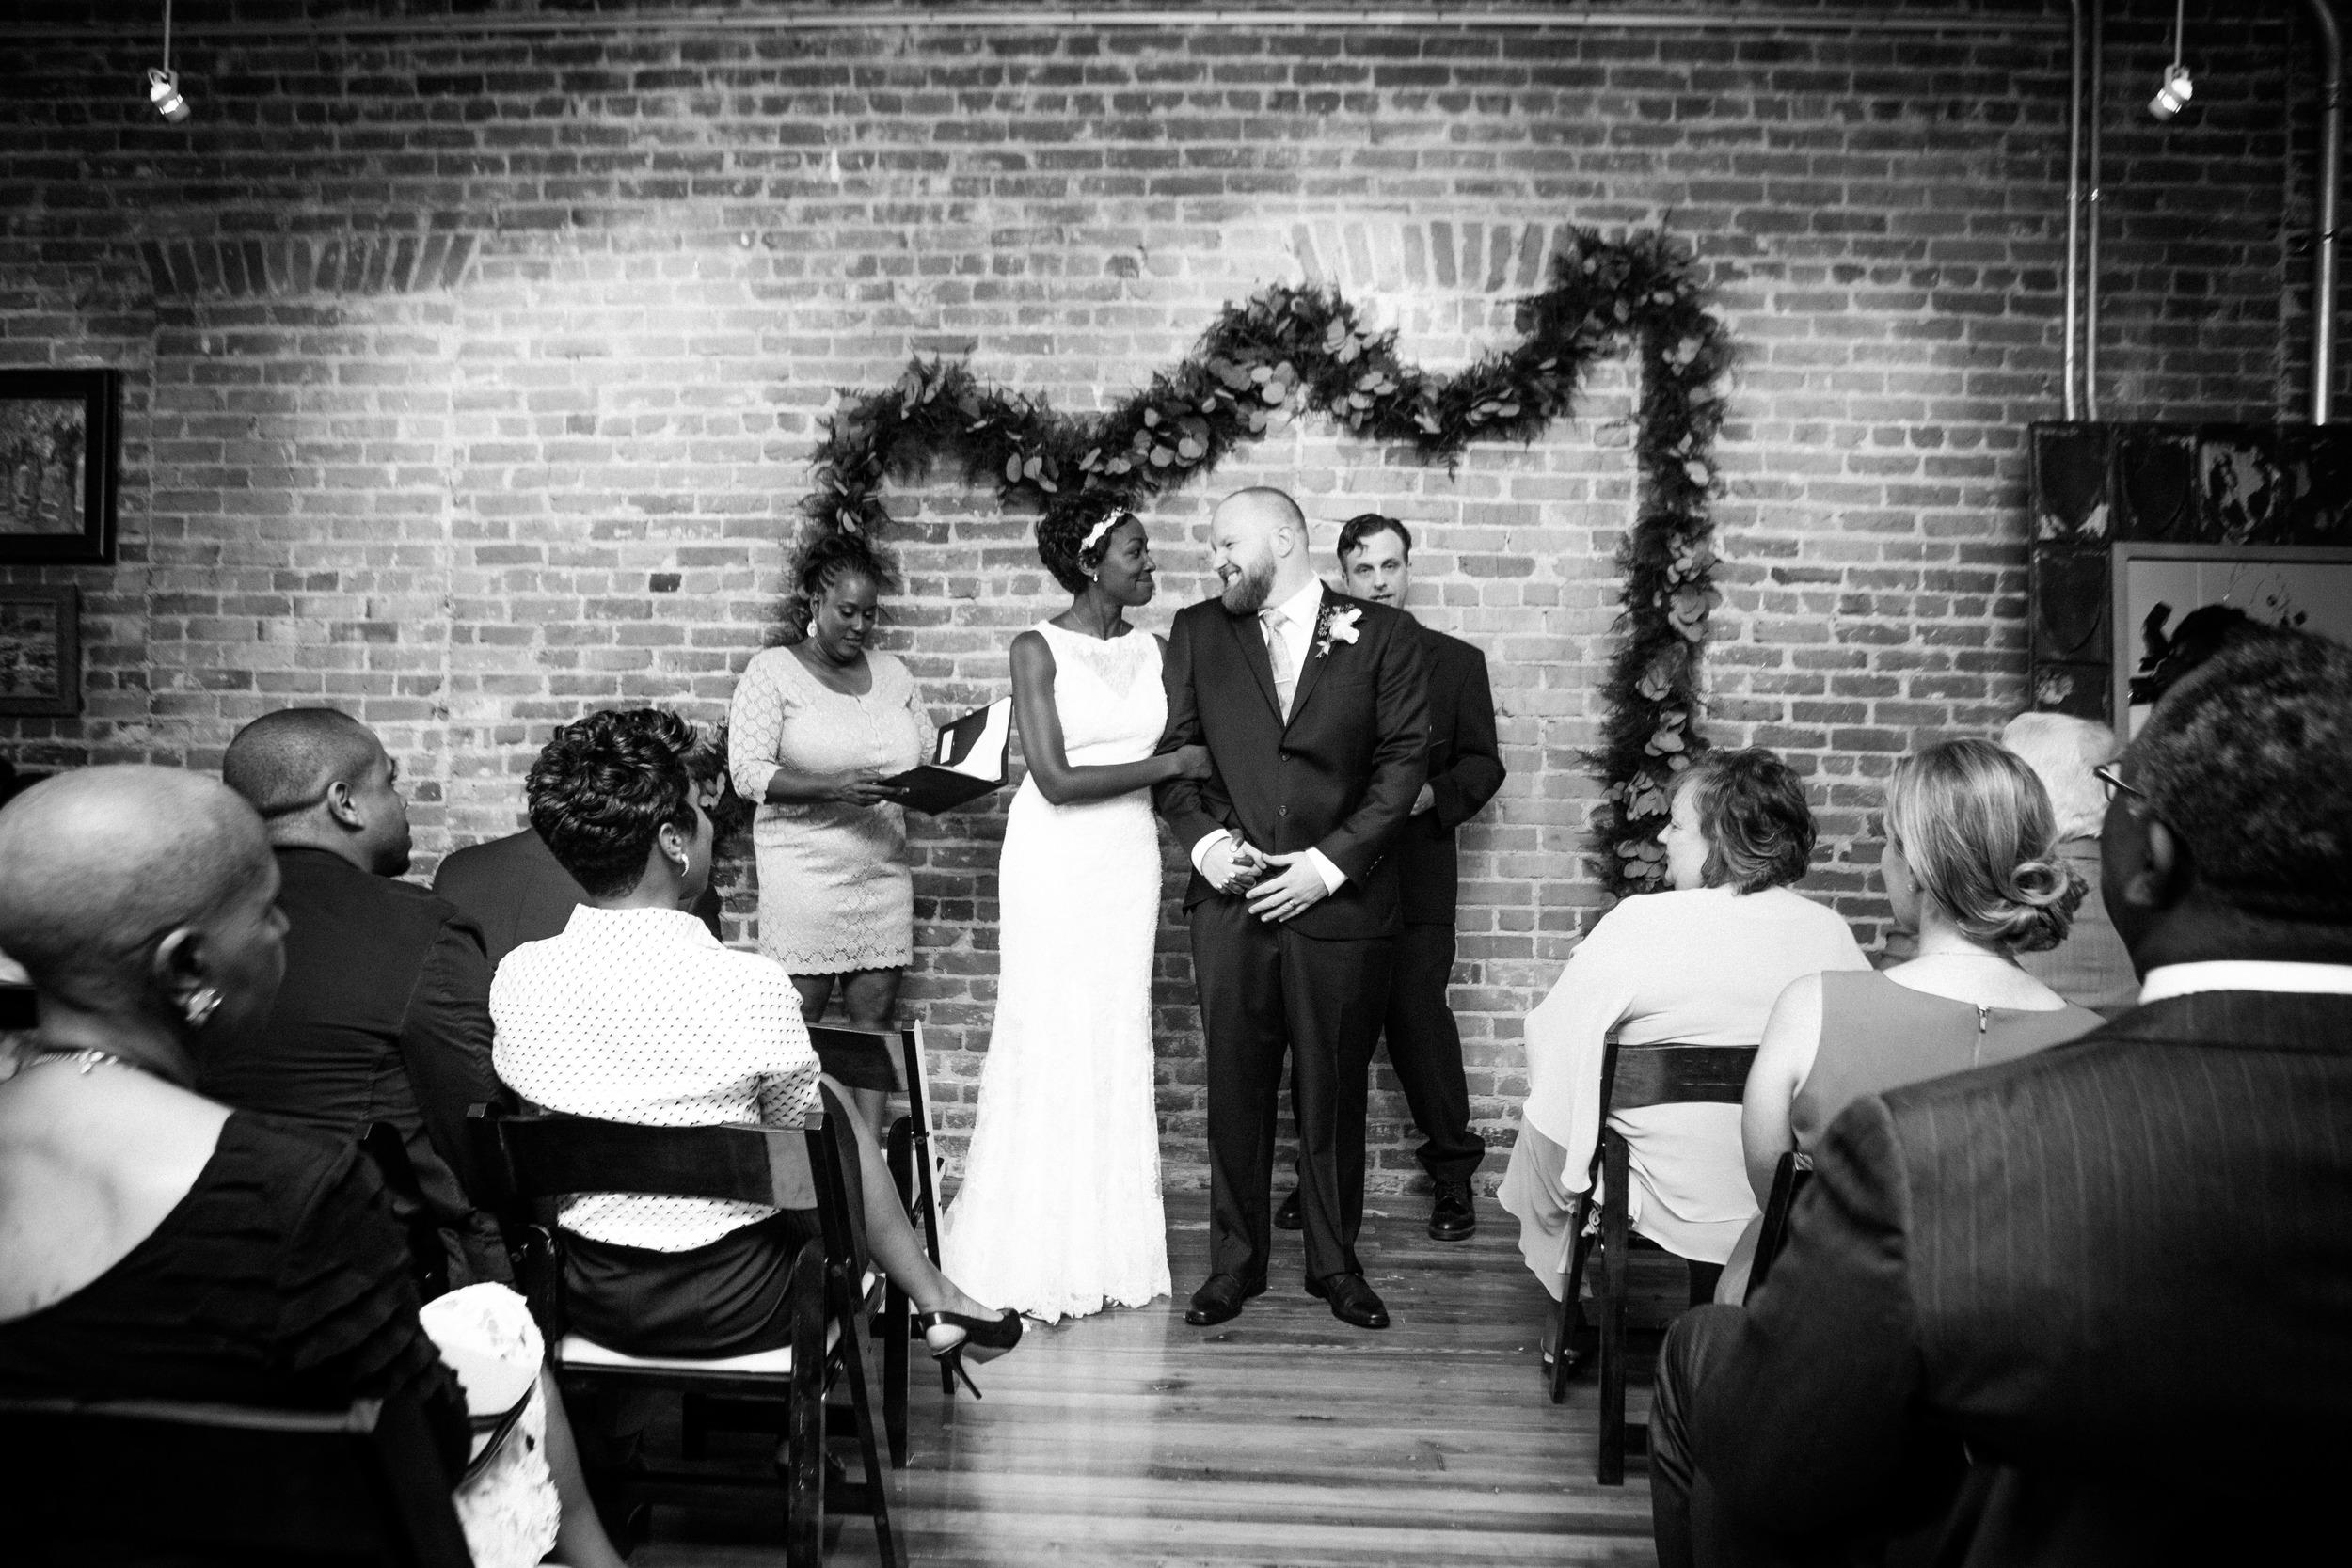 ashley_john-wedding-080815-340.jpg